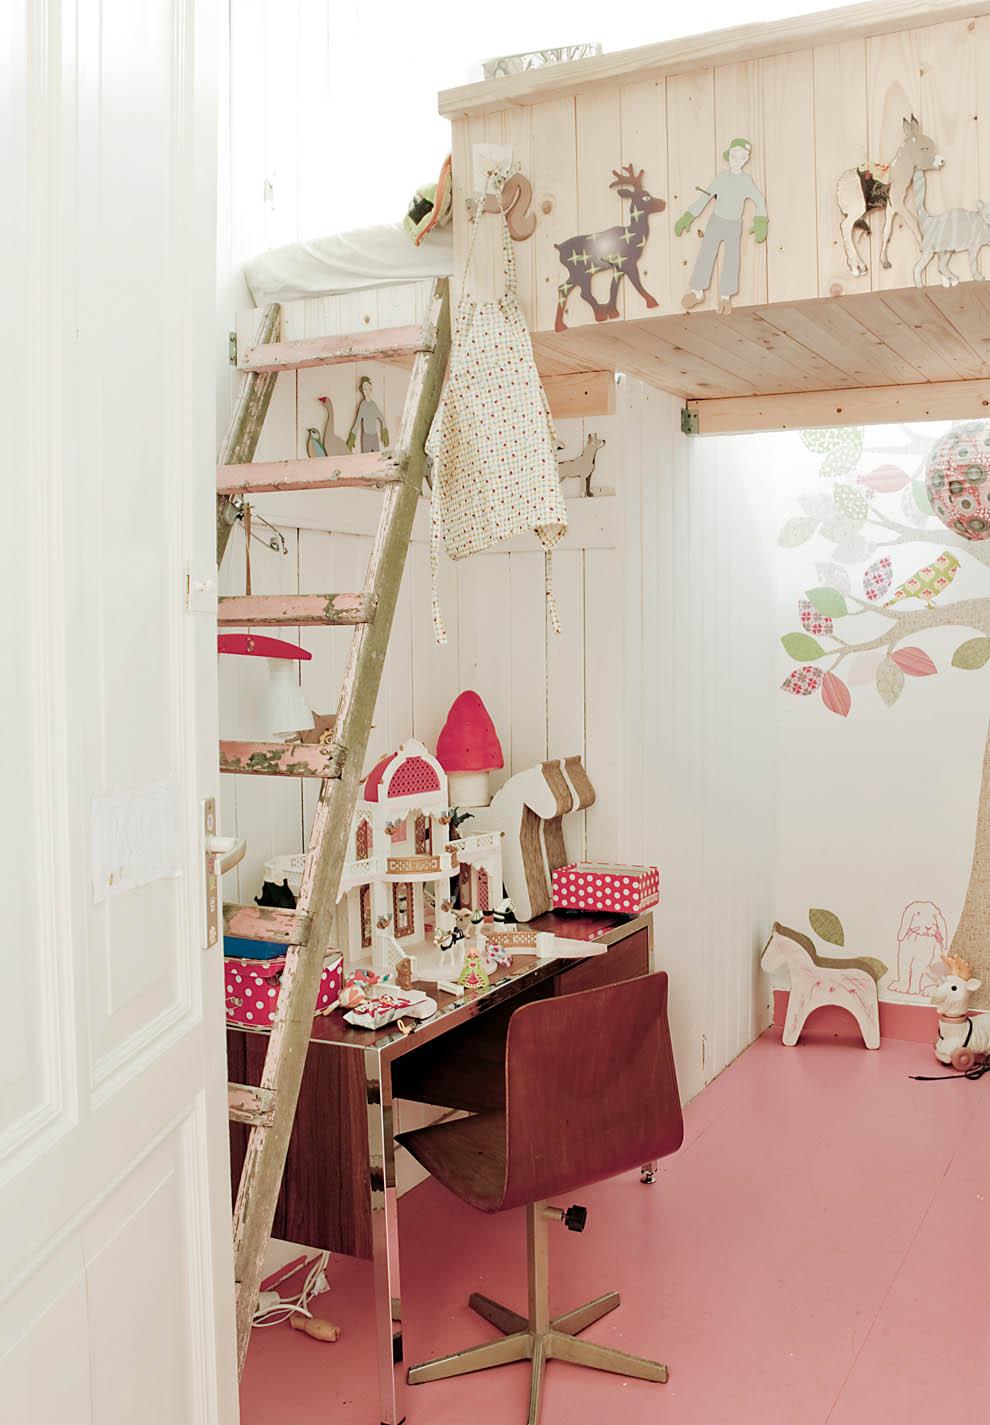 studio karin: loftsÄngar fÖr barnrum